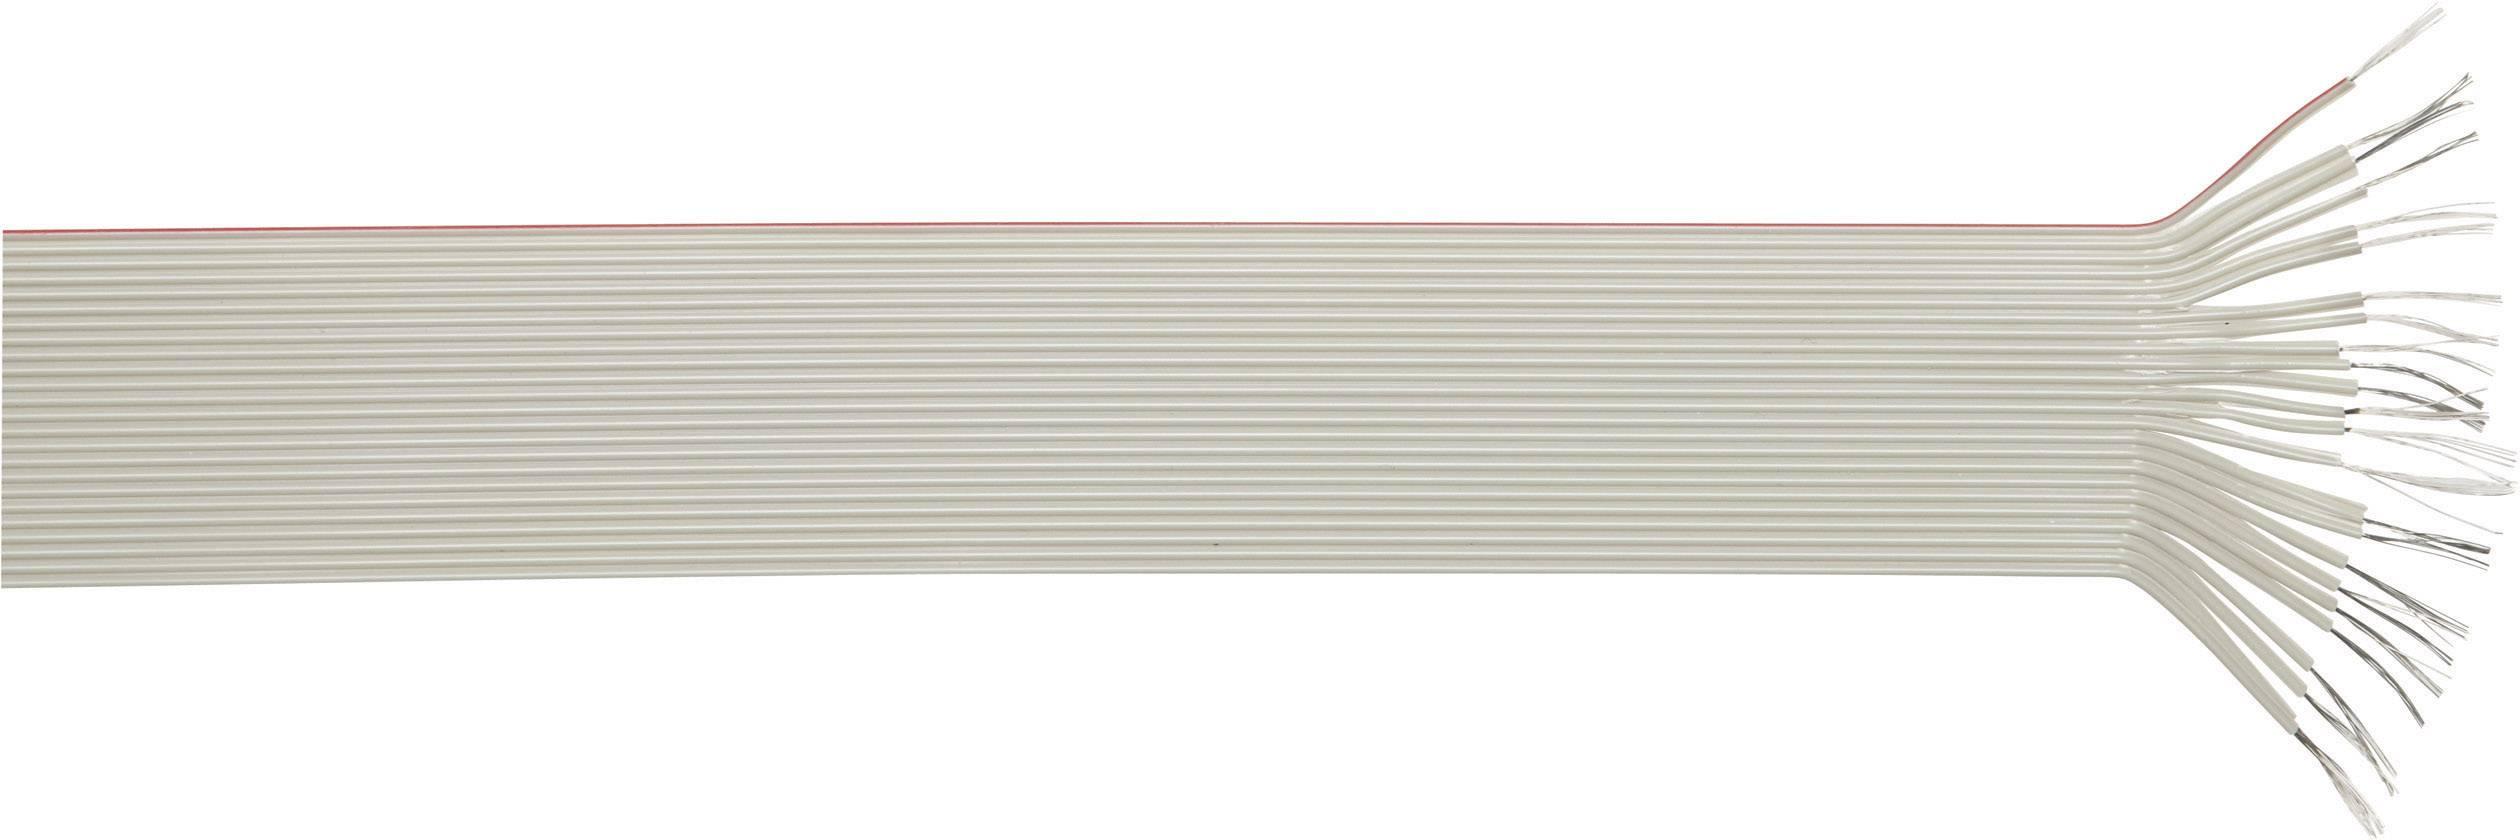 Plochý kábel LappKabel 49900051, rozteč 1.27 mm, 40 x 0.09 mm², sivá, metrový tovar